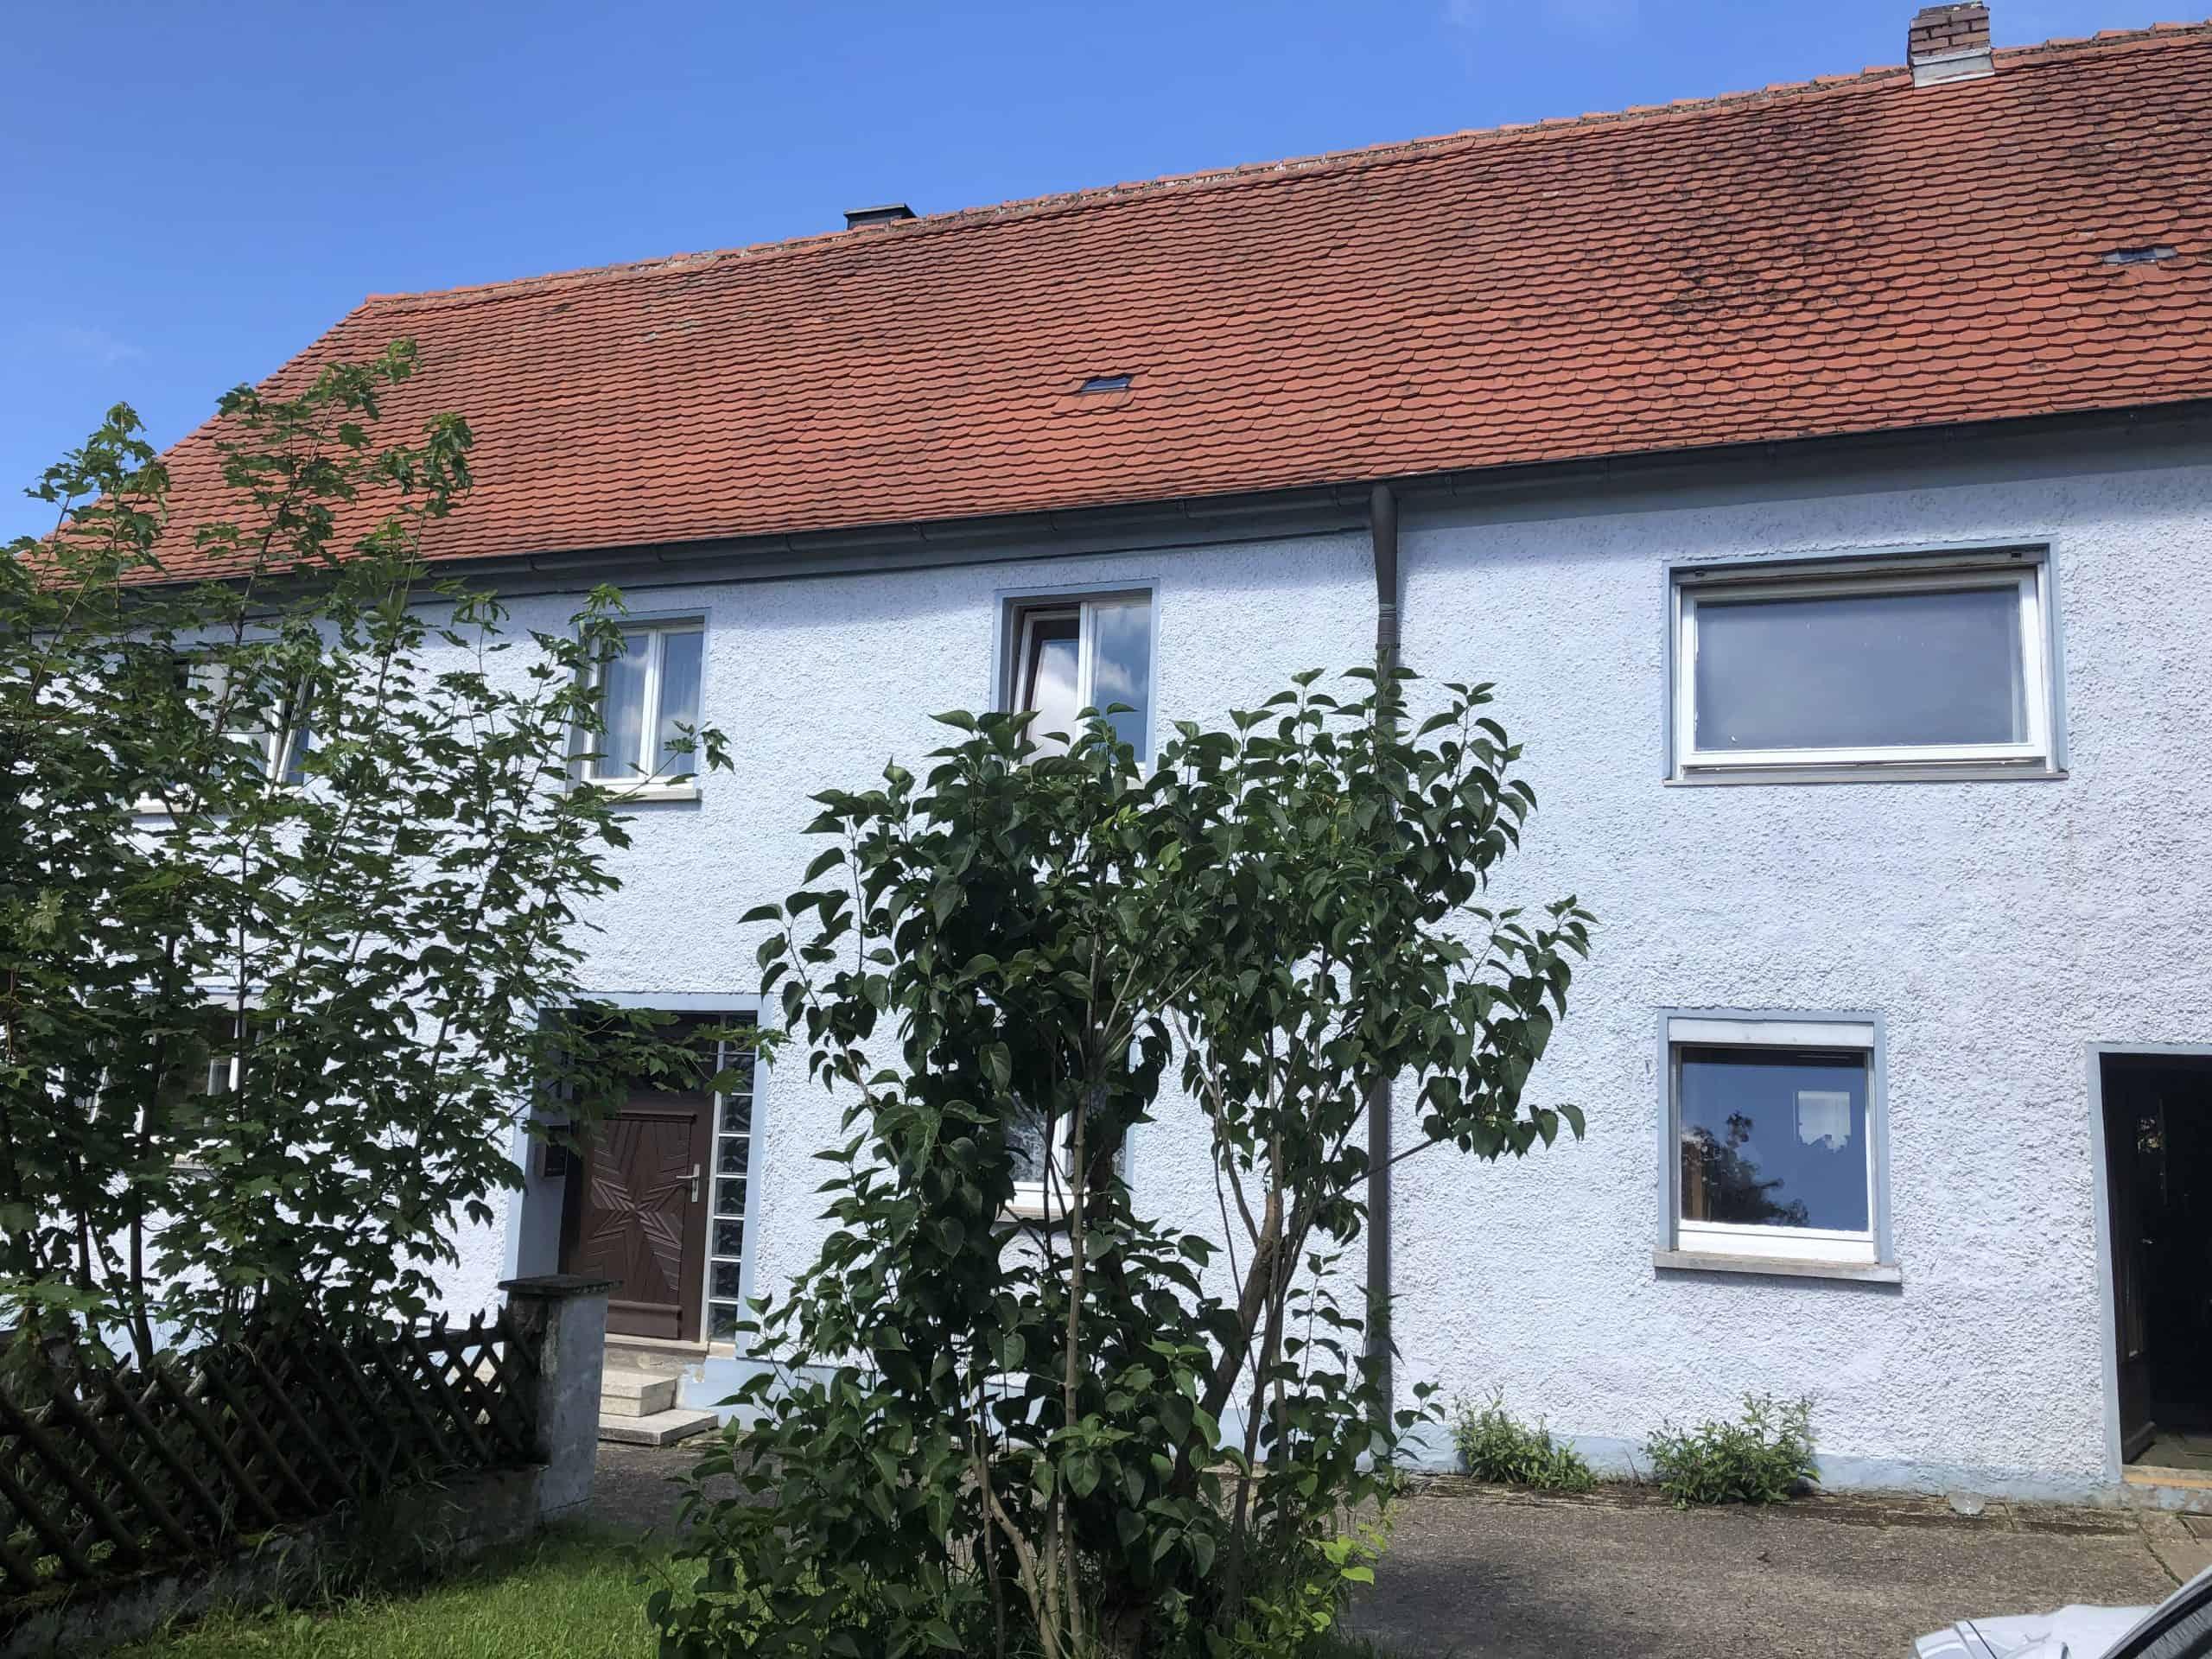 Ehemaliges Landwirtschaftliches Anwesen in Heidenheim / OT